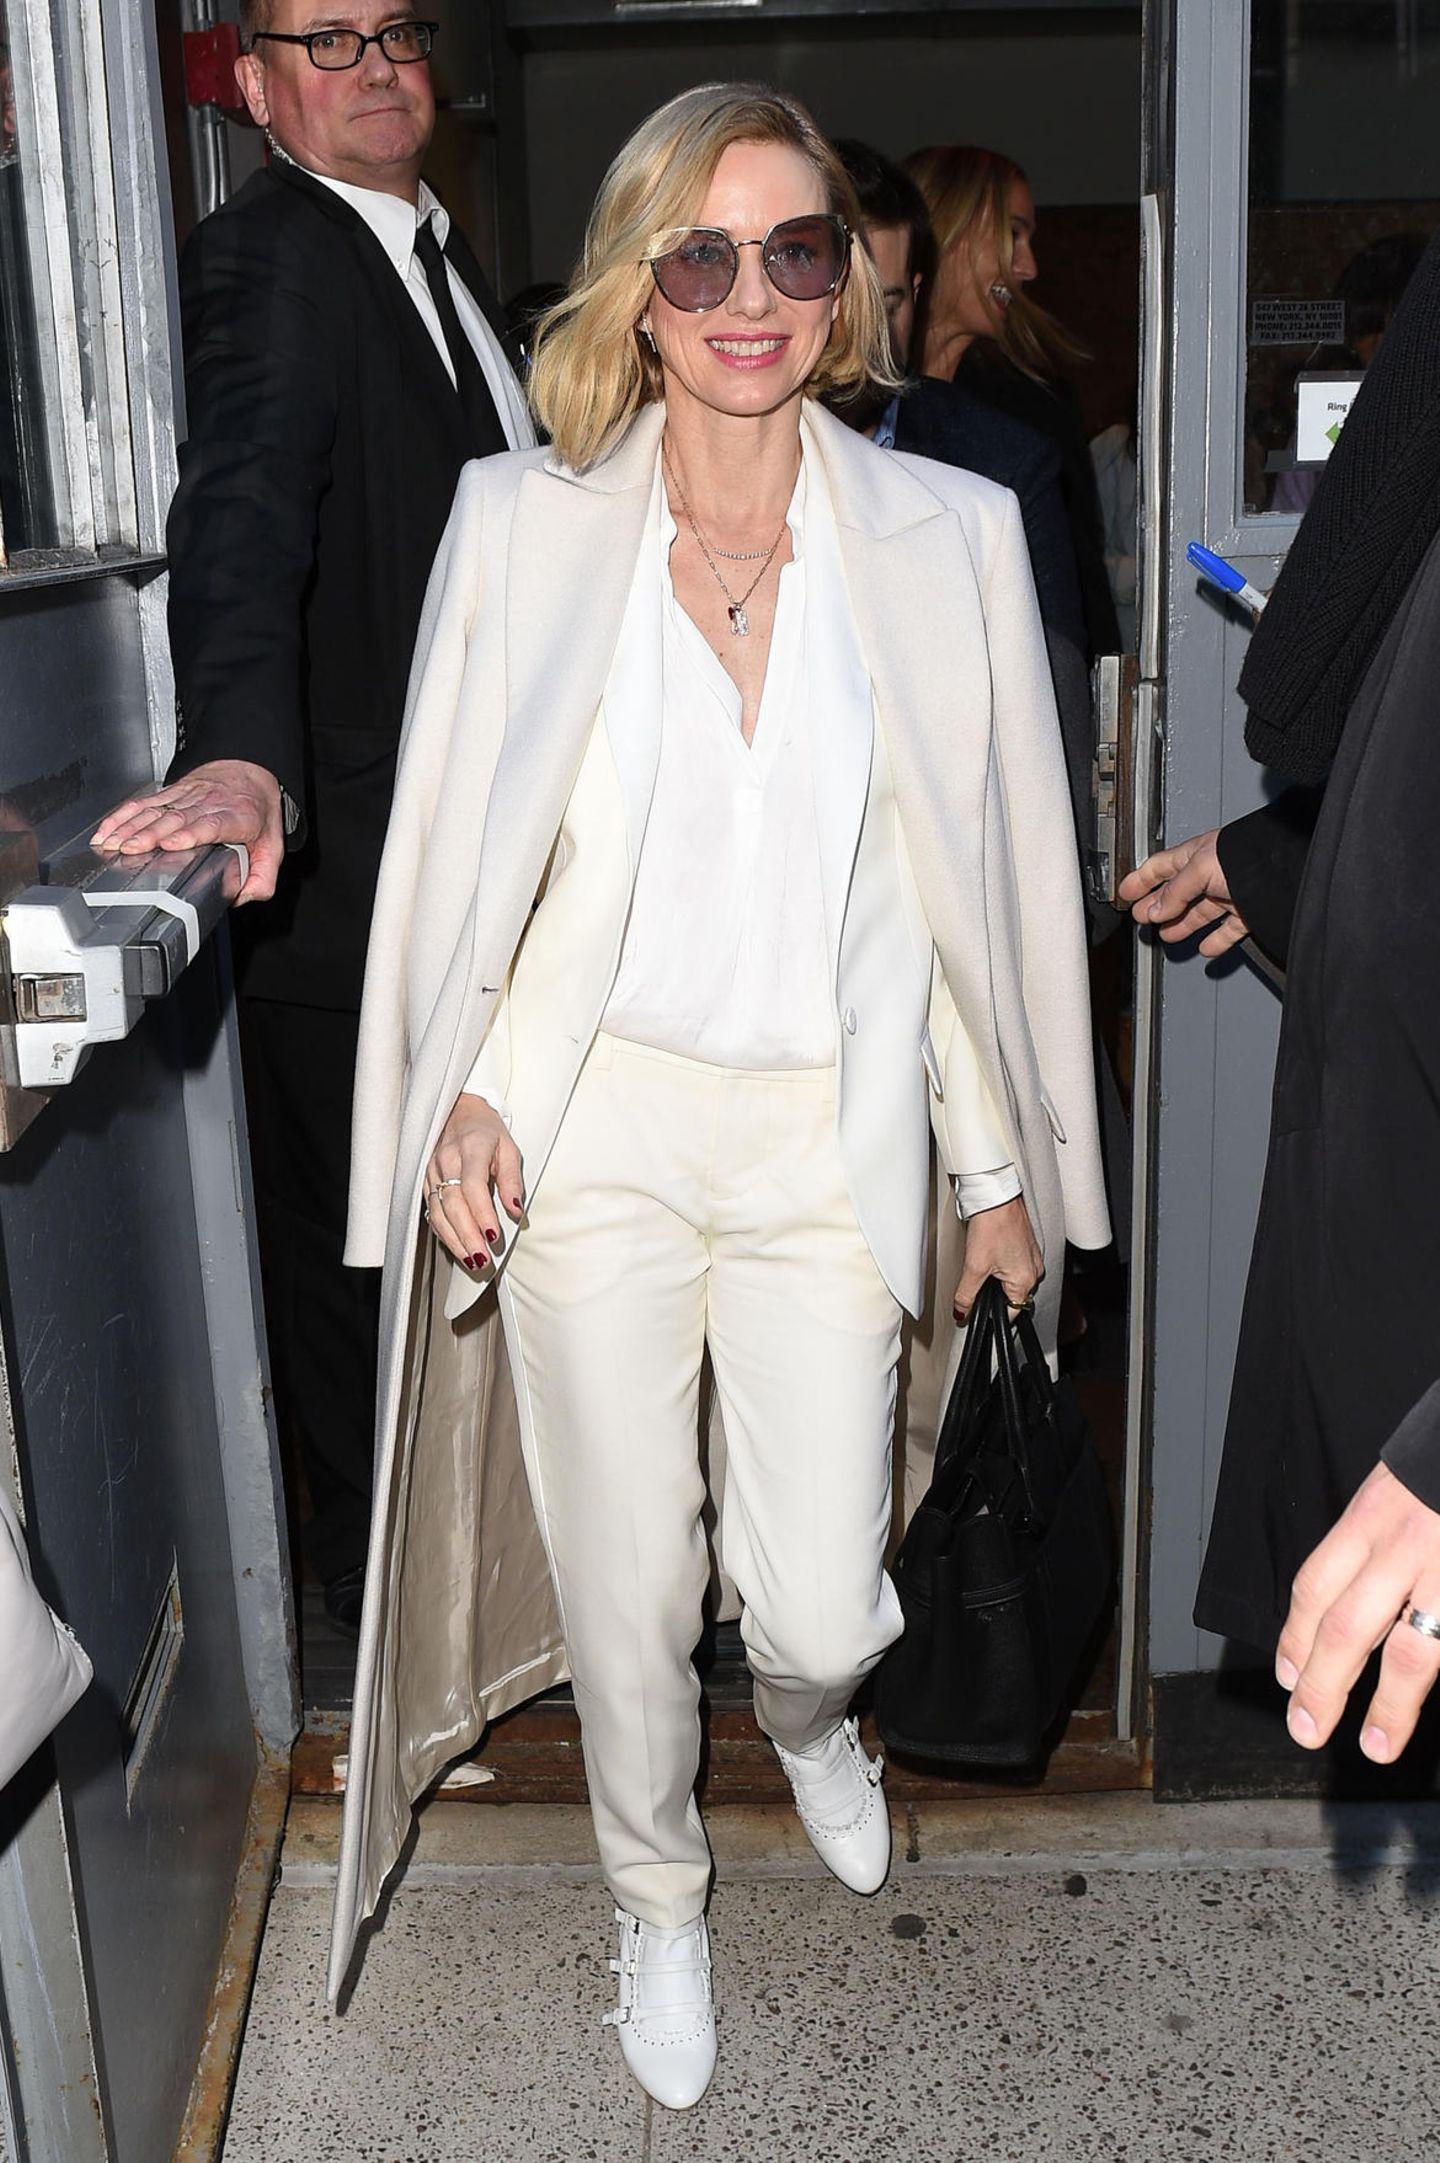 Cremefarbene Eleganz von Kopf bis Fuß zeigt Naomi Watts als Gast der Show von Zadig & Voltaire.